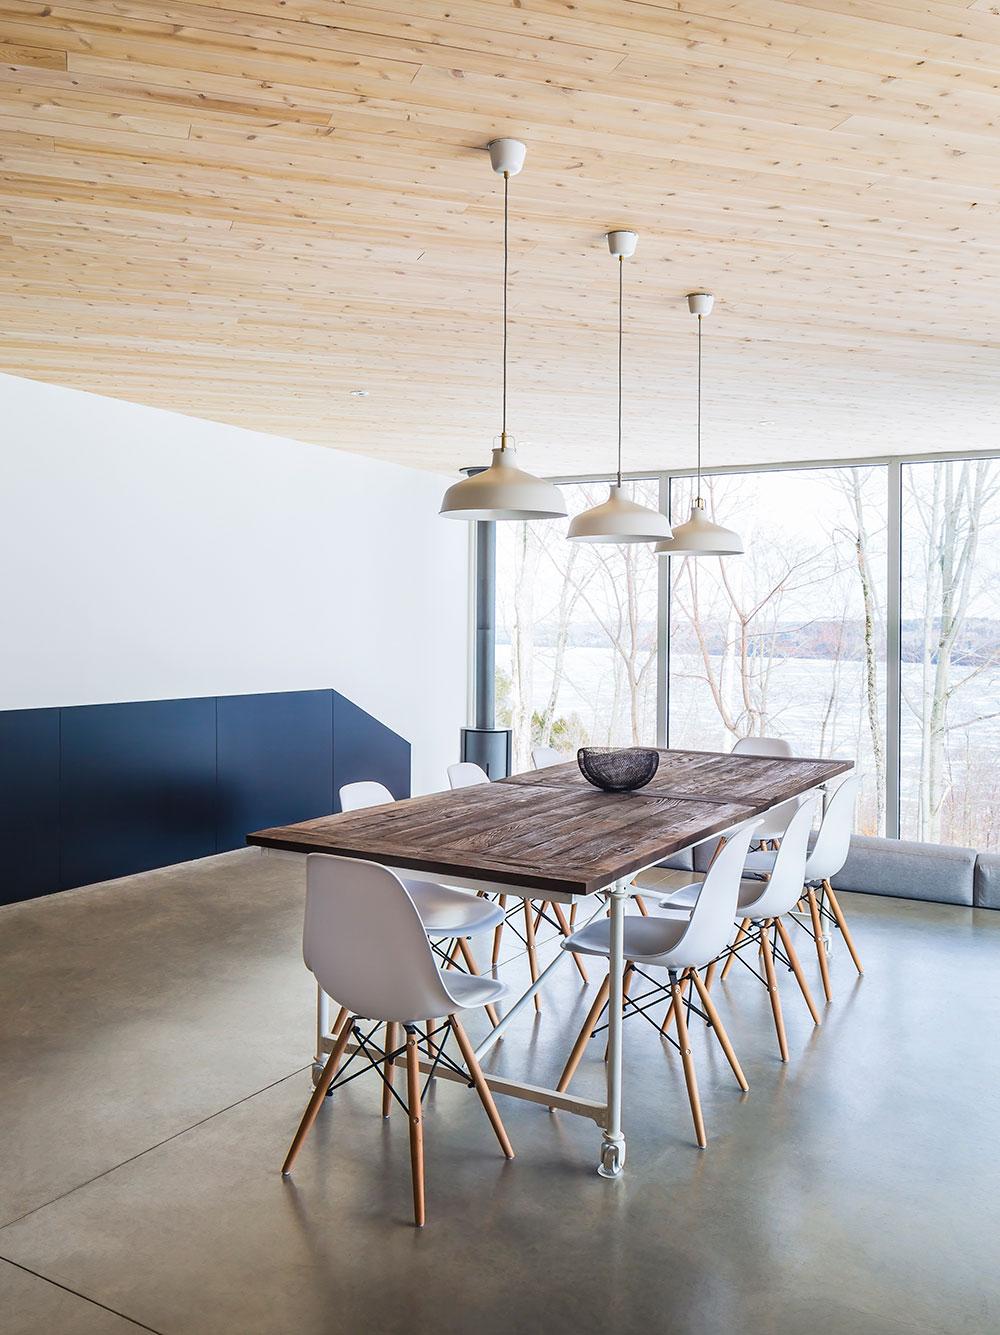 Photo : Ulysse Lemerise Bouchard. Source : MU Architecture / v2com.